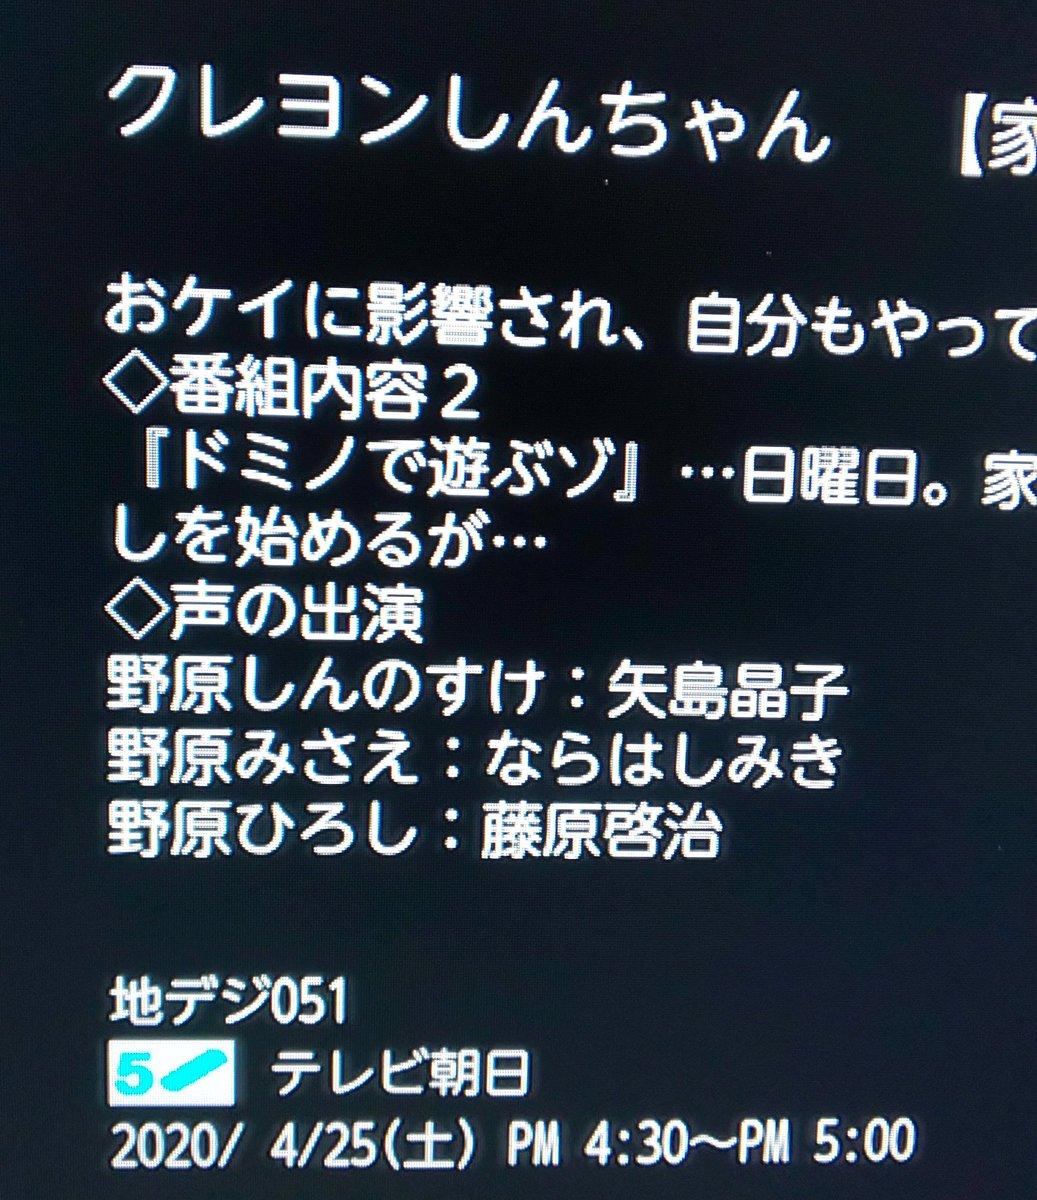 来週のクレヨンしんちゃん、しんのすけ役が矢島さん、ひろし役が藤原さんと書かれてあるので完全再放送となる模様